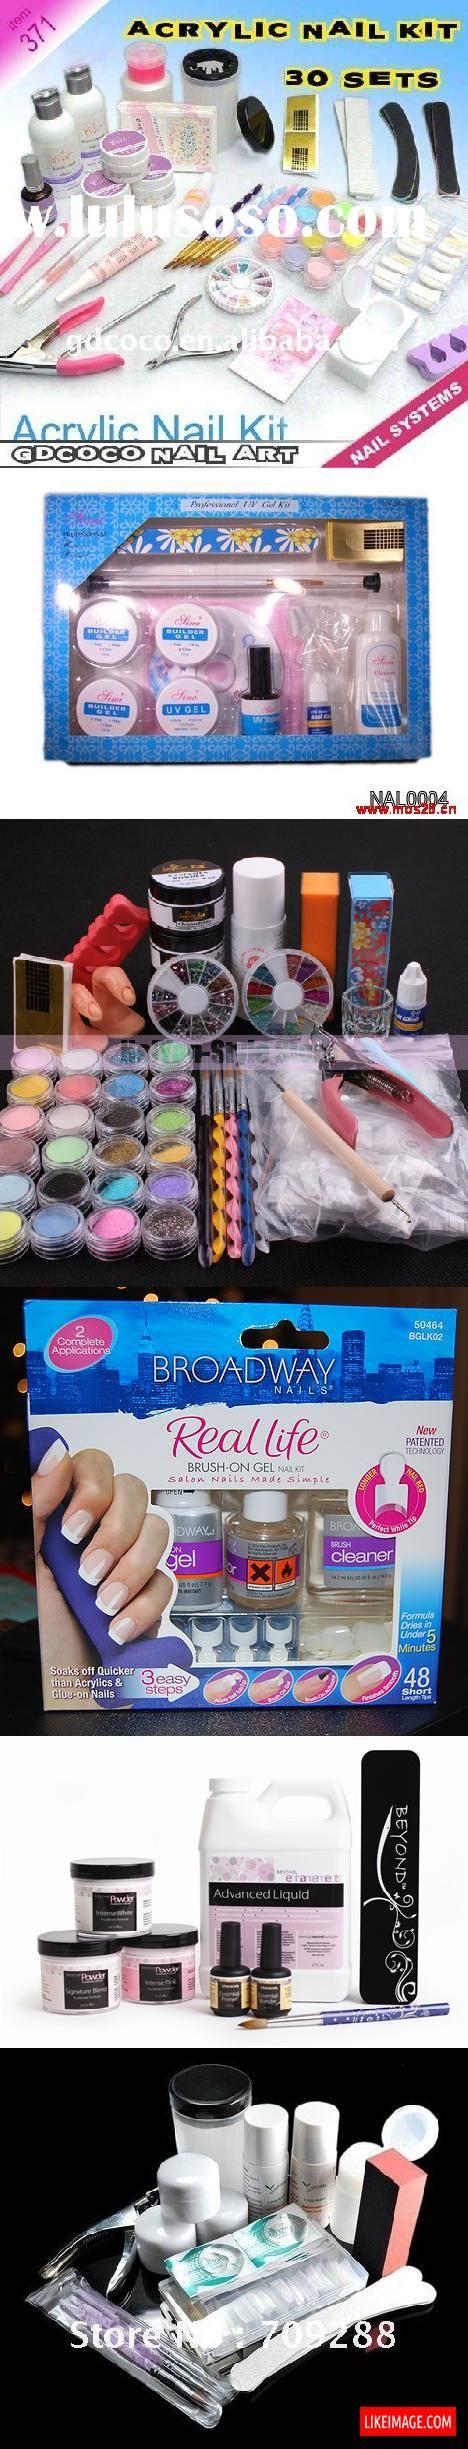 Acrylic nail kits - 8 PHOTO!